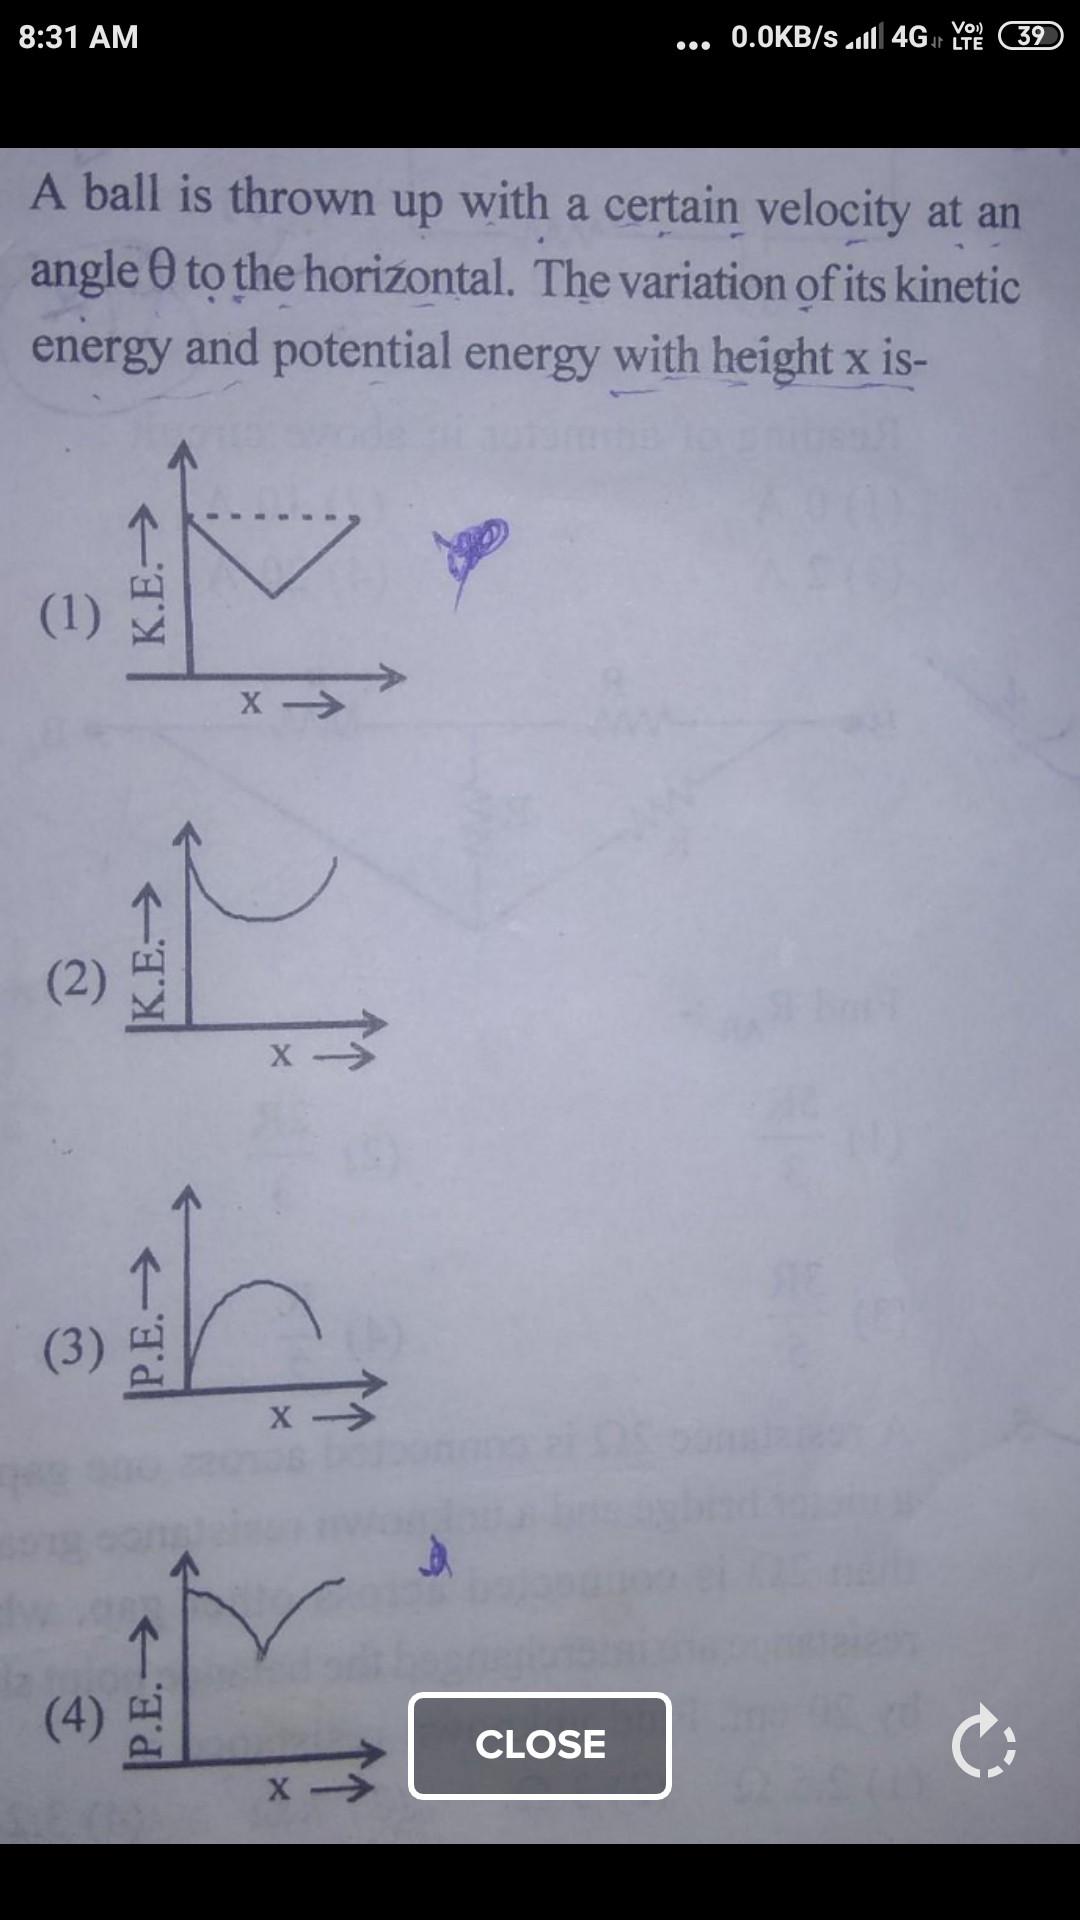 Potential Versus Kinetic Energy Worksheet Find Relation Between Potential Energy and Kinetic Energy at